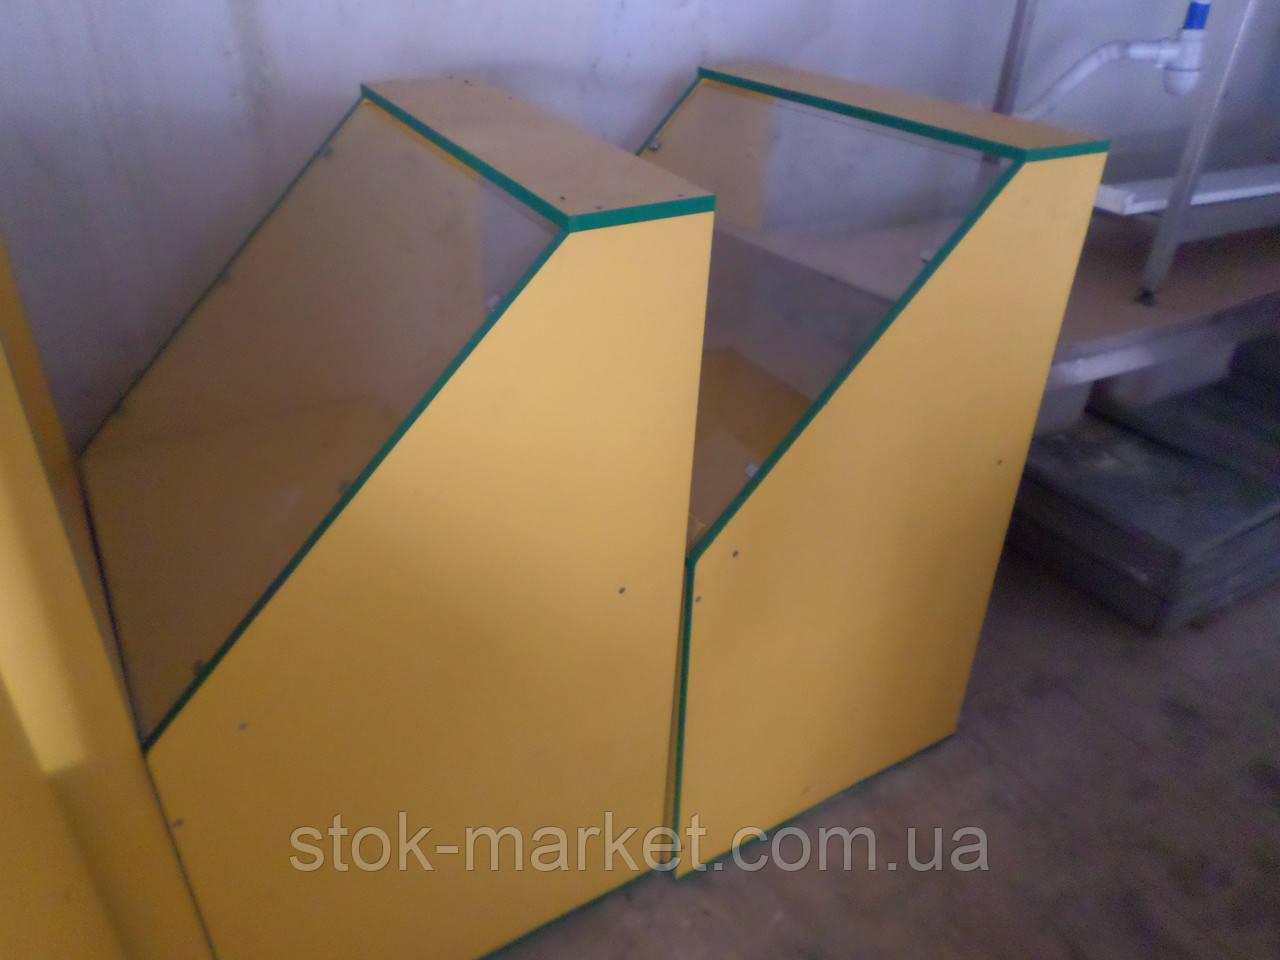 Витрина прилавок ДСП Тумба витрина для выставки товаров торговая витрина ДСП.